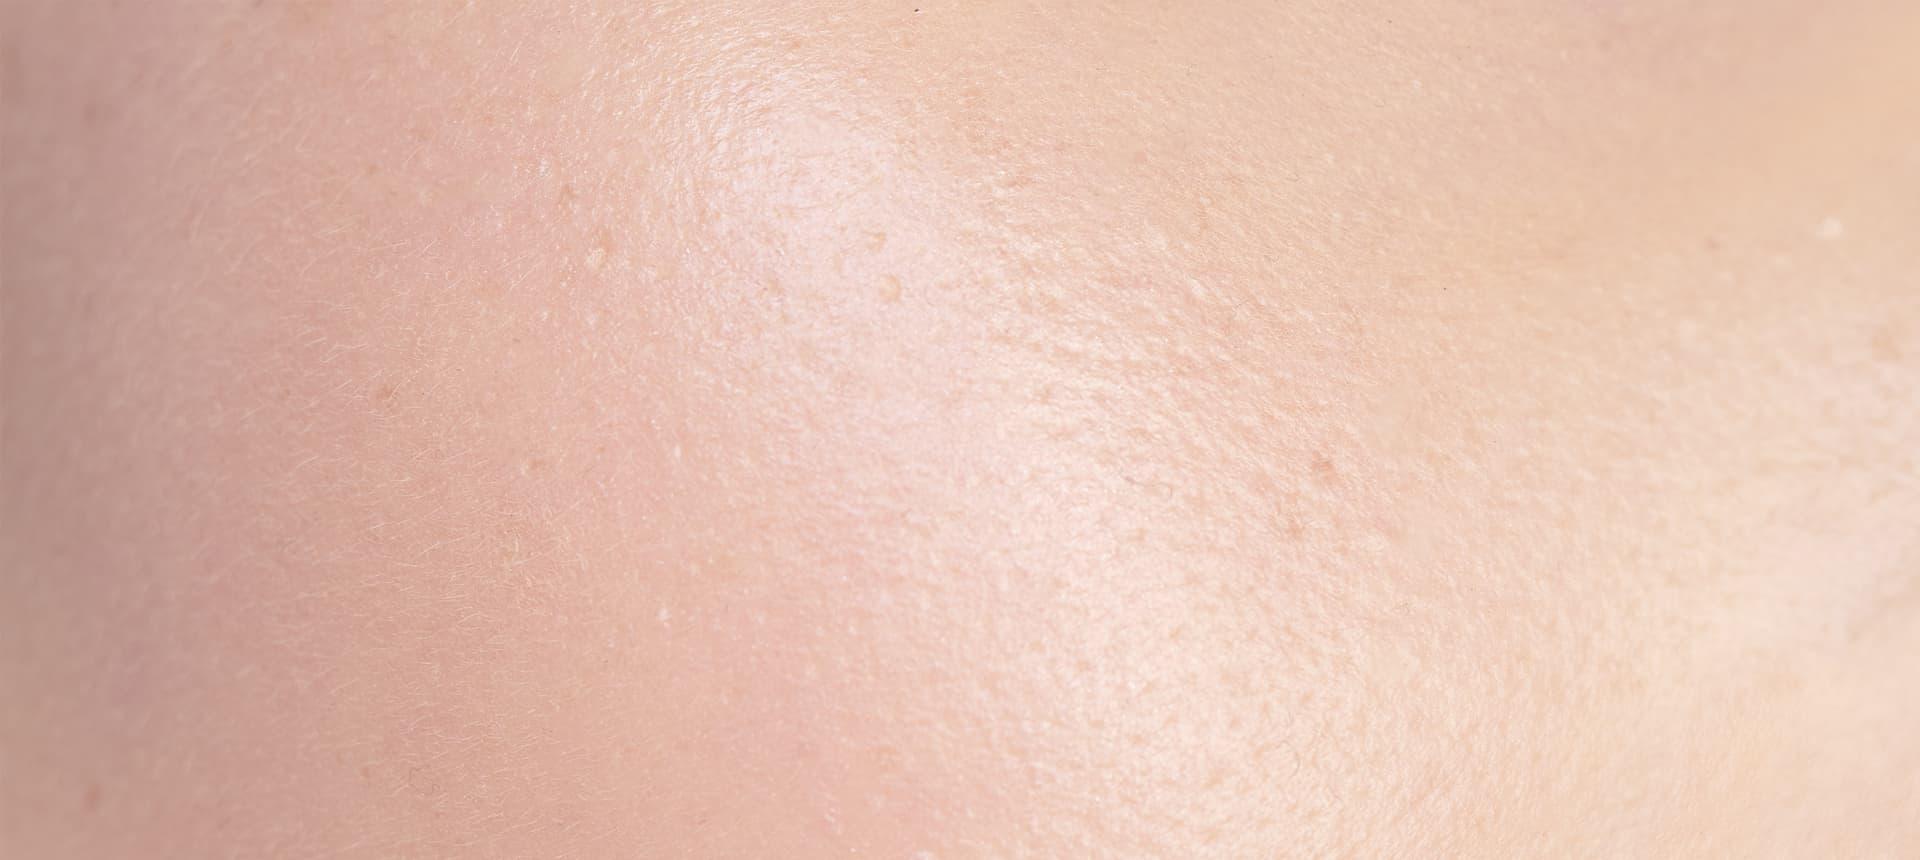 Die Exposom-Faktoren: Die Auswirkungen auf die Haut